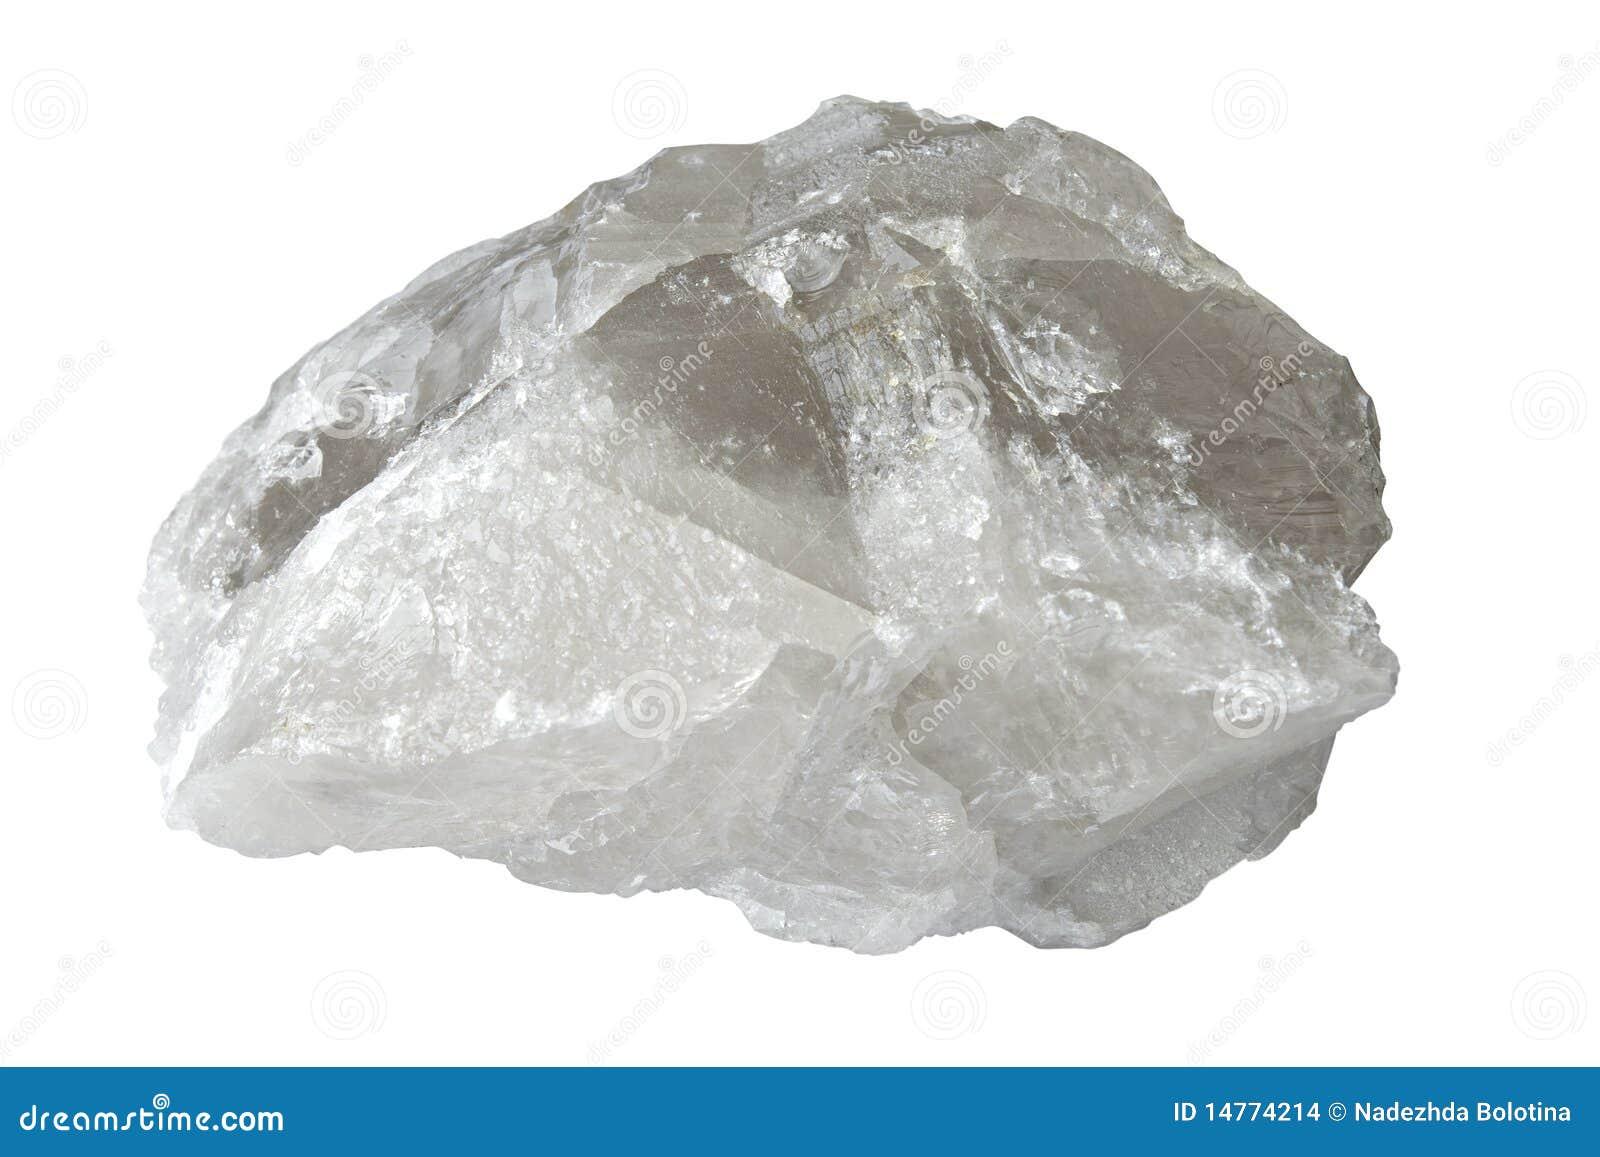 quarzo bianco immagini stock immagine 14774214